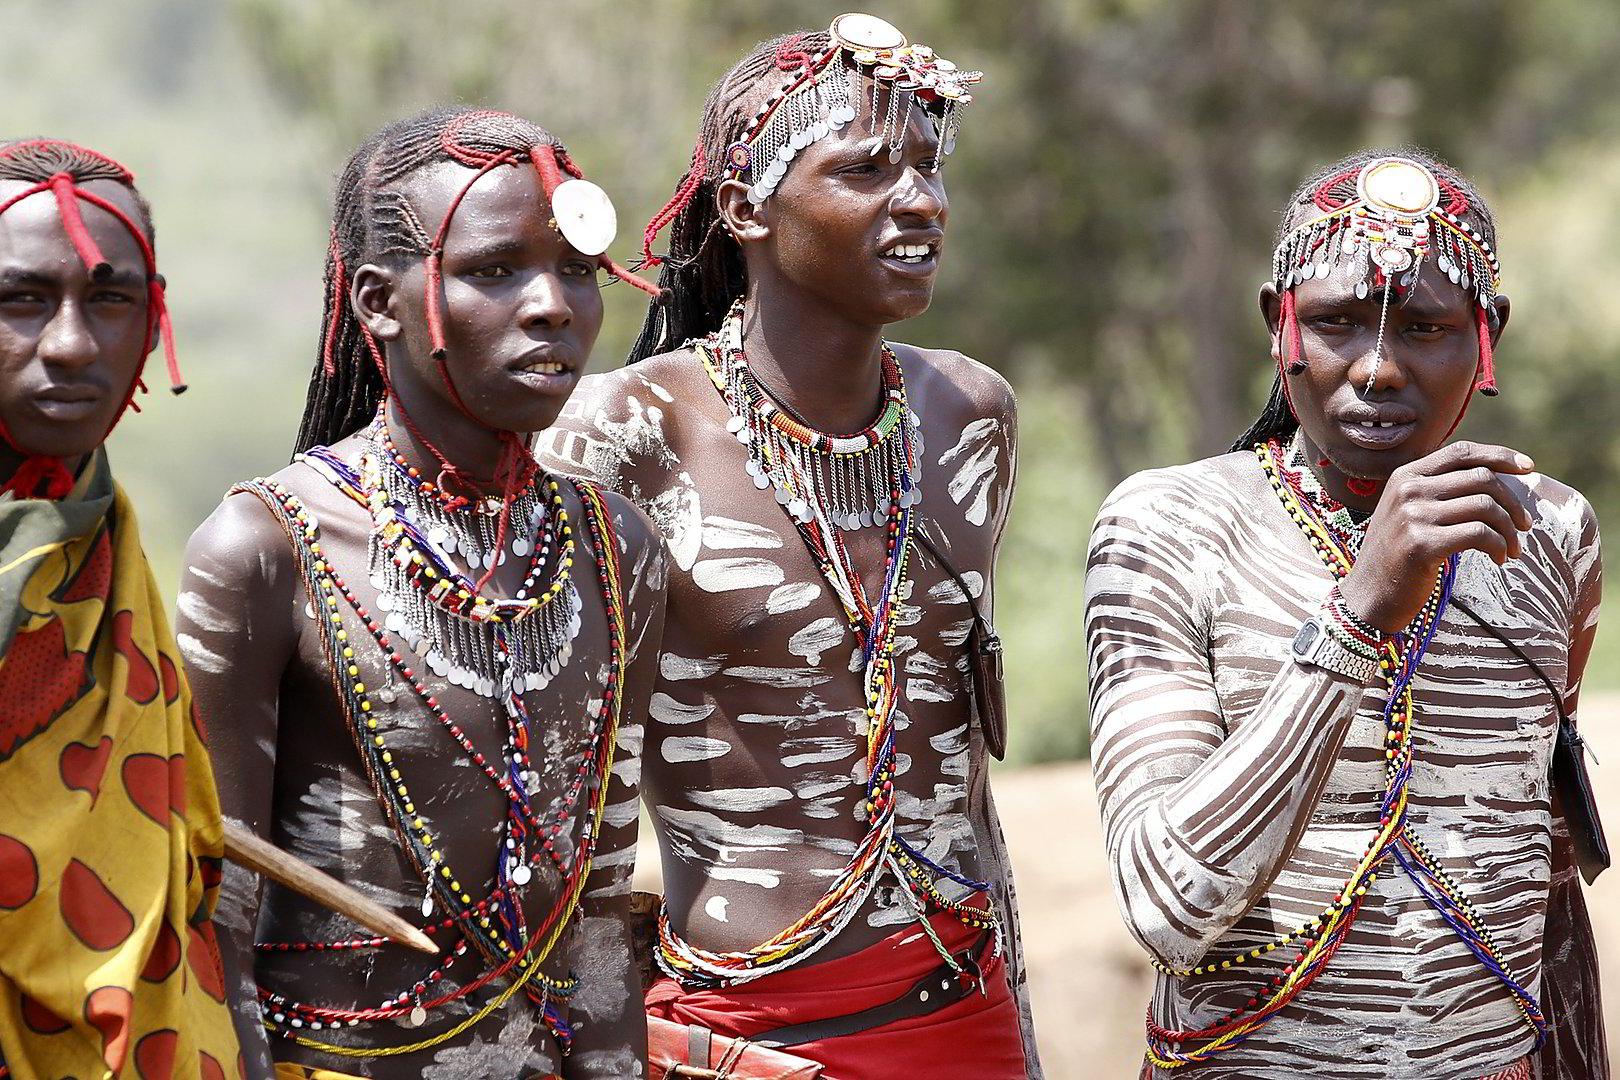 фото племени матабелов зачета